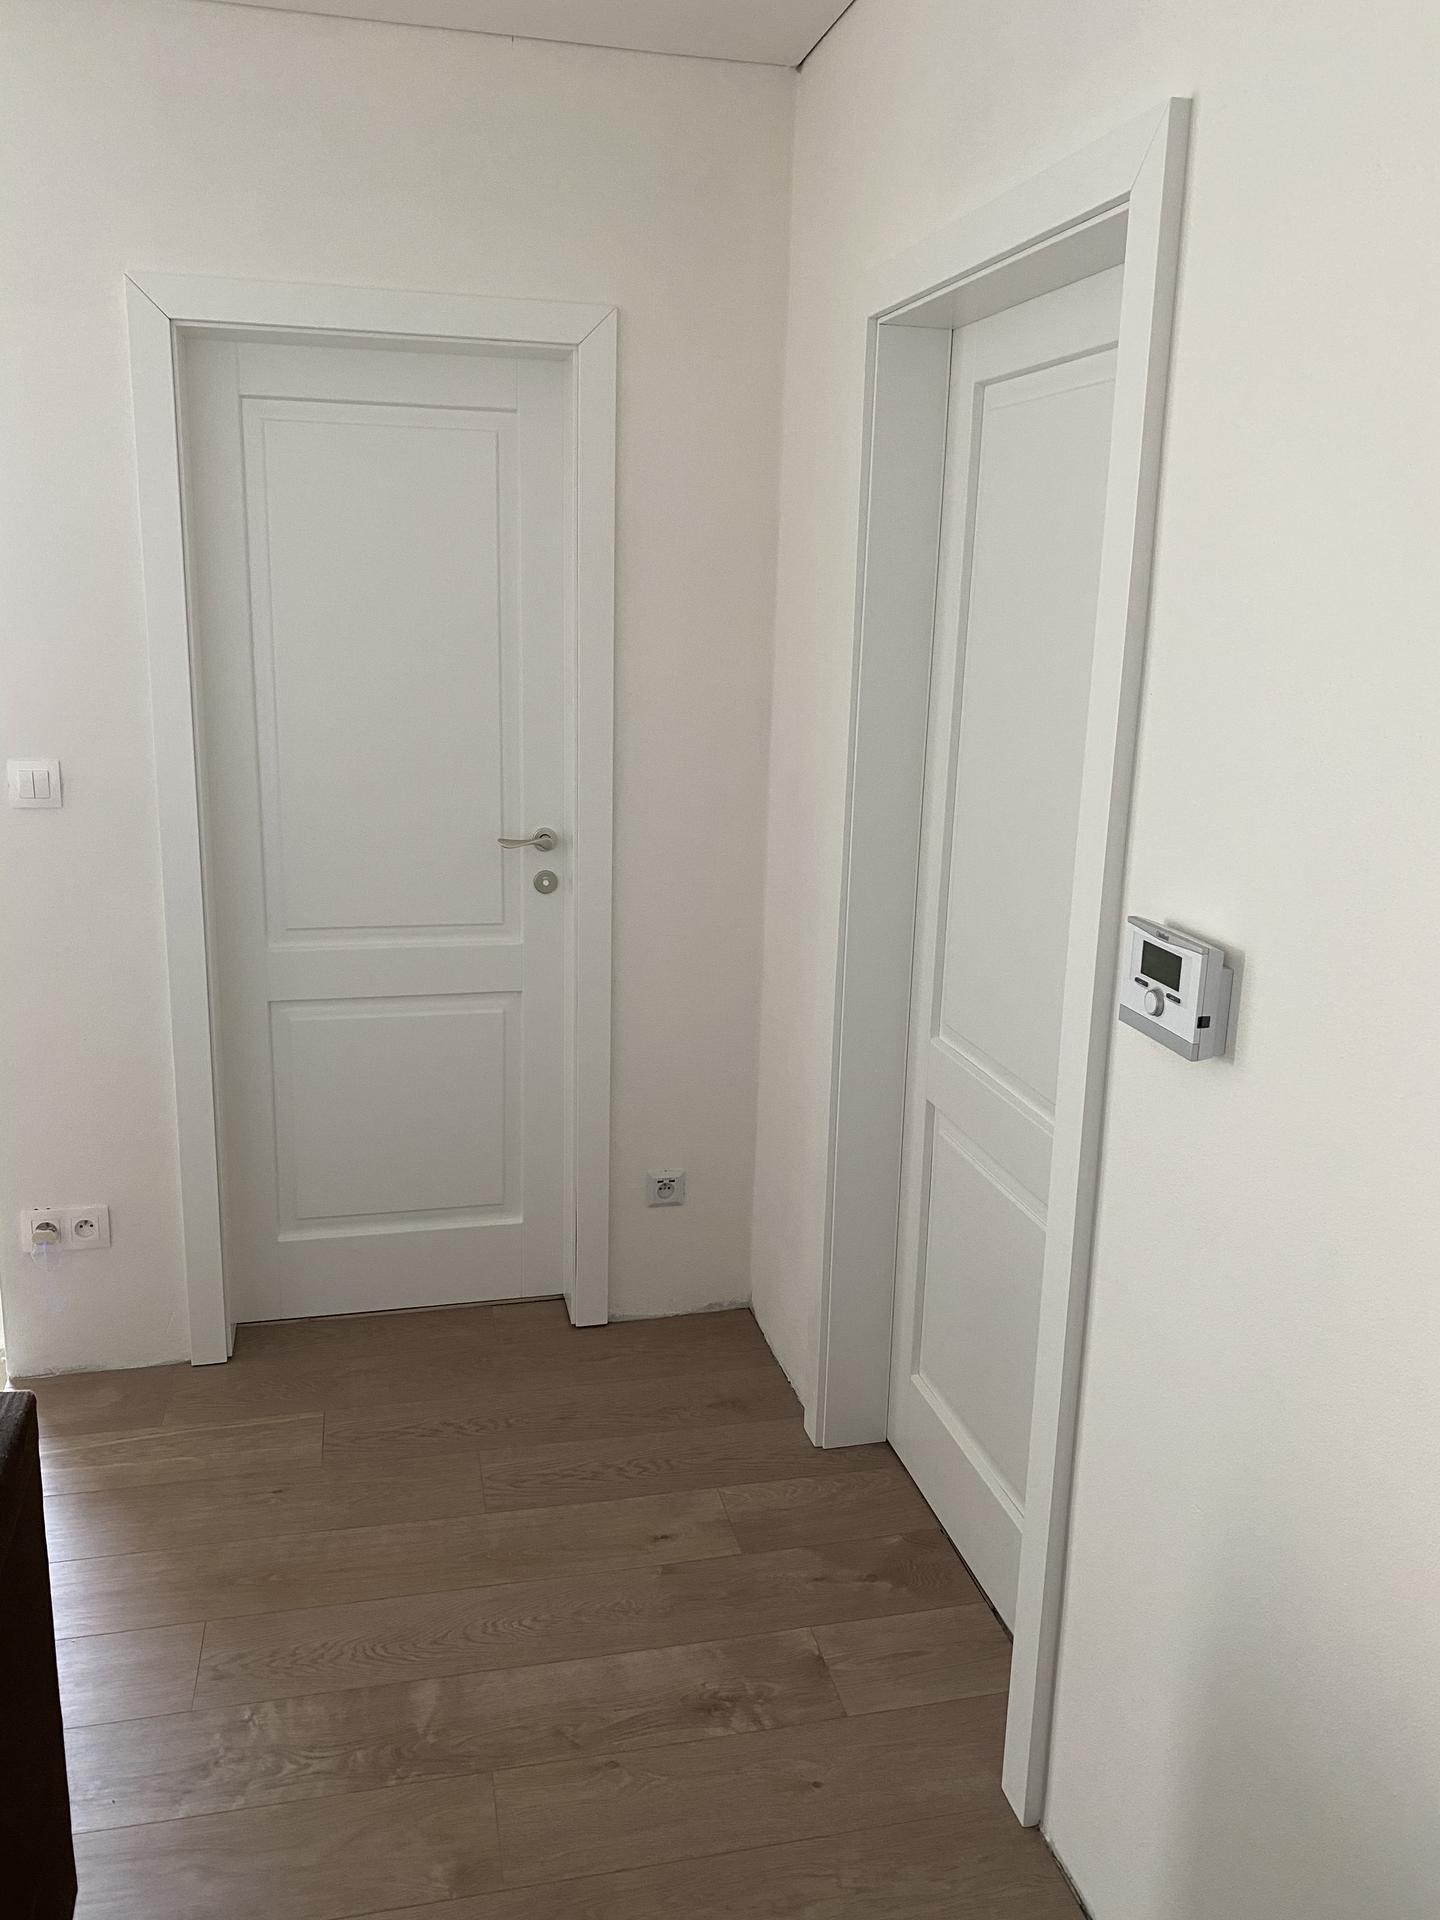 Zariaďujeme domček 🥰 - Mat dvere po takej dlhej dobe že zvláštny pocit 😅 ale sú krásne 🥰